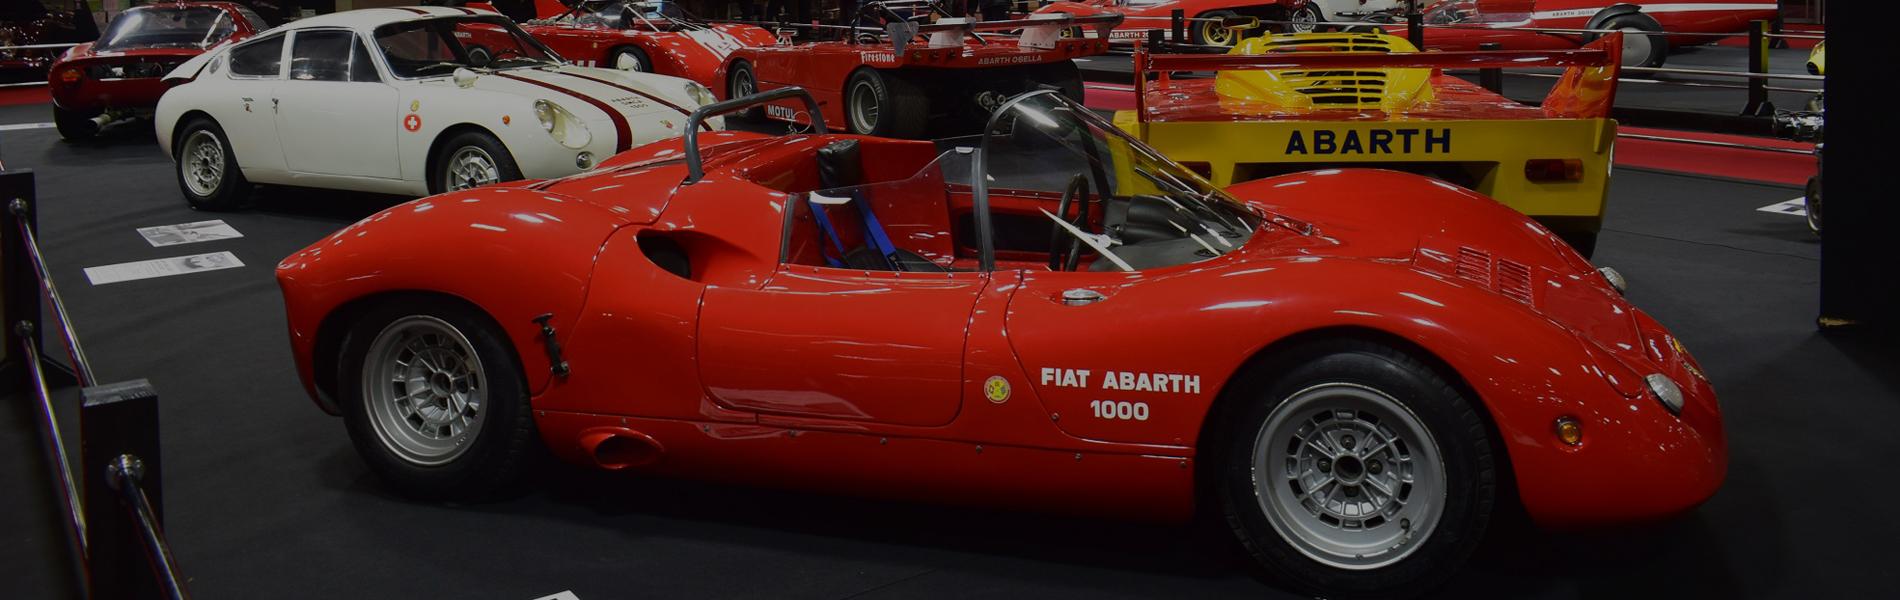 Abarth - Retromobile